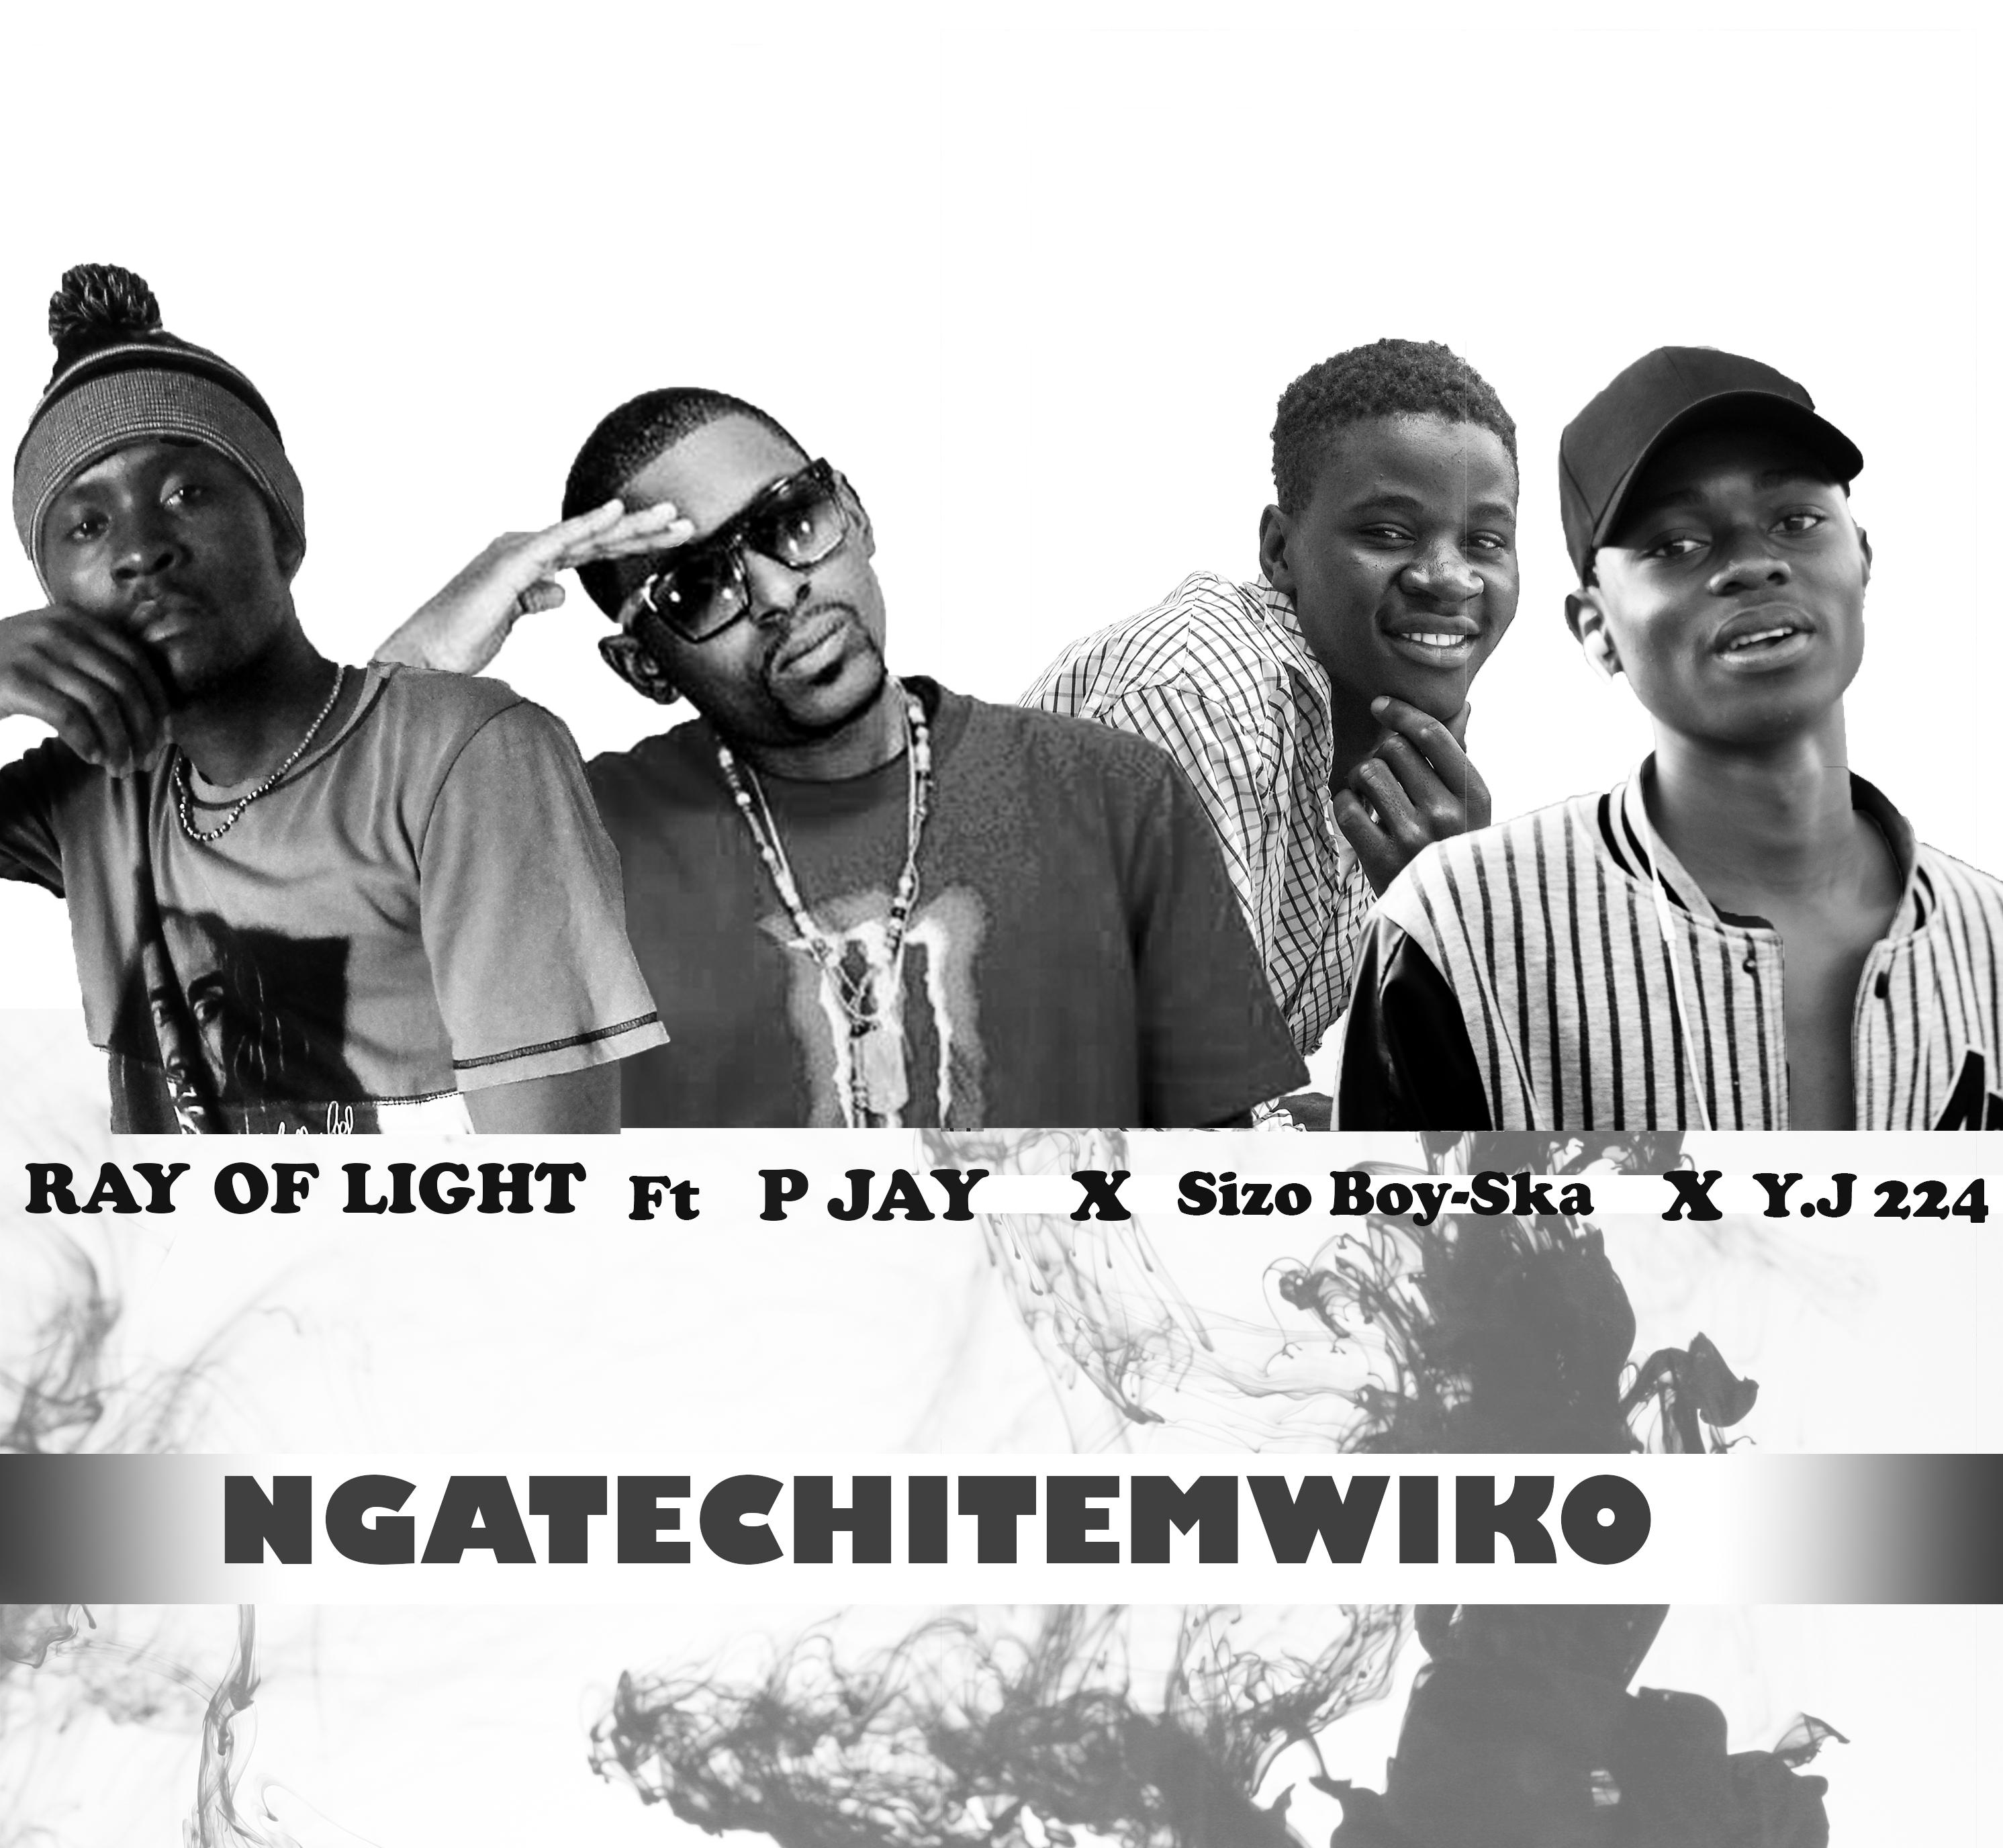 P Jay Archives - Zambian Music Blog